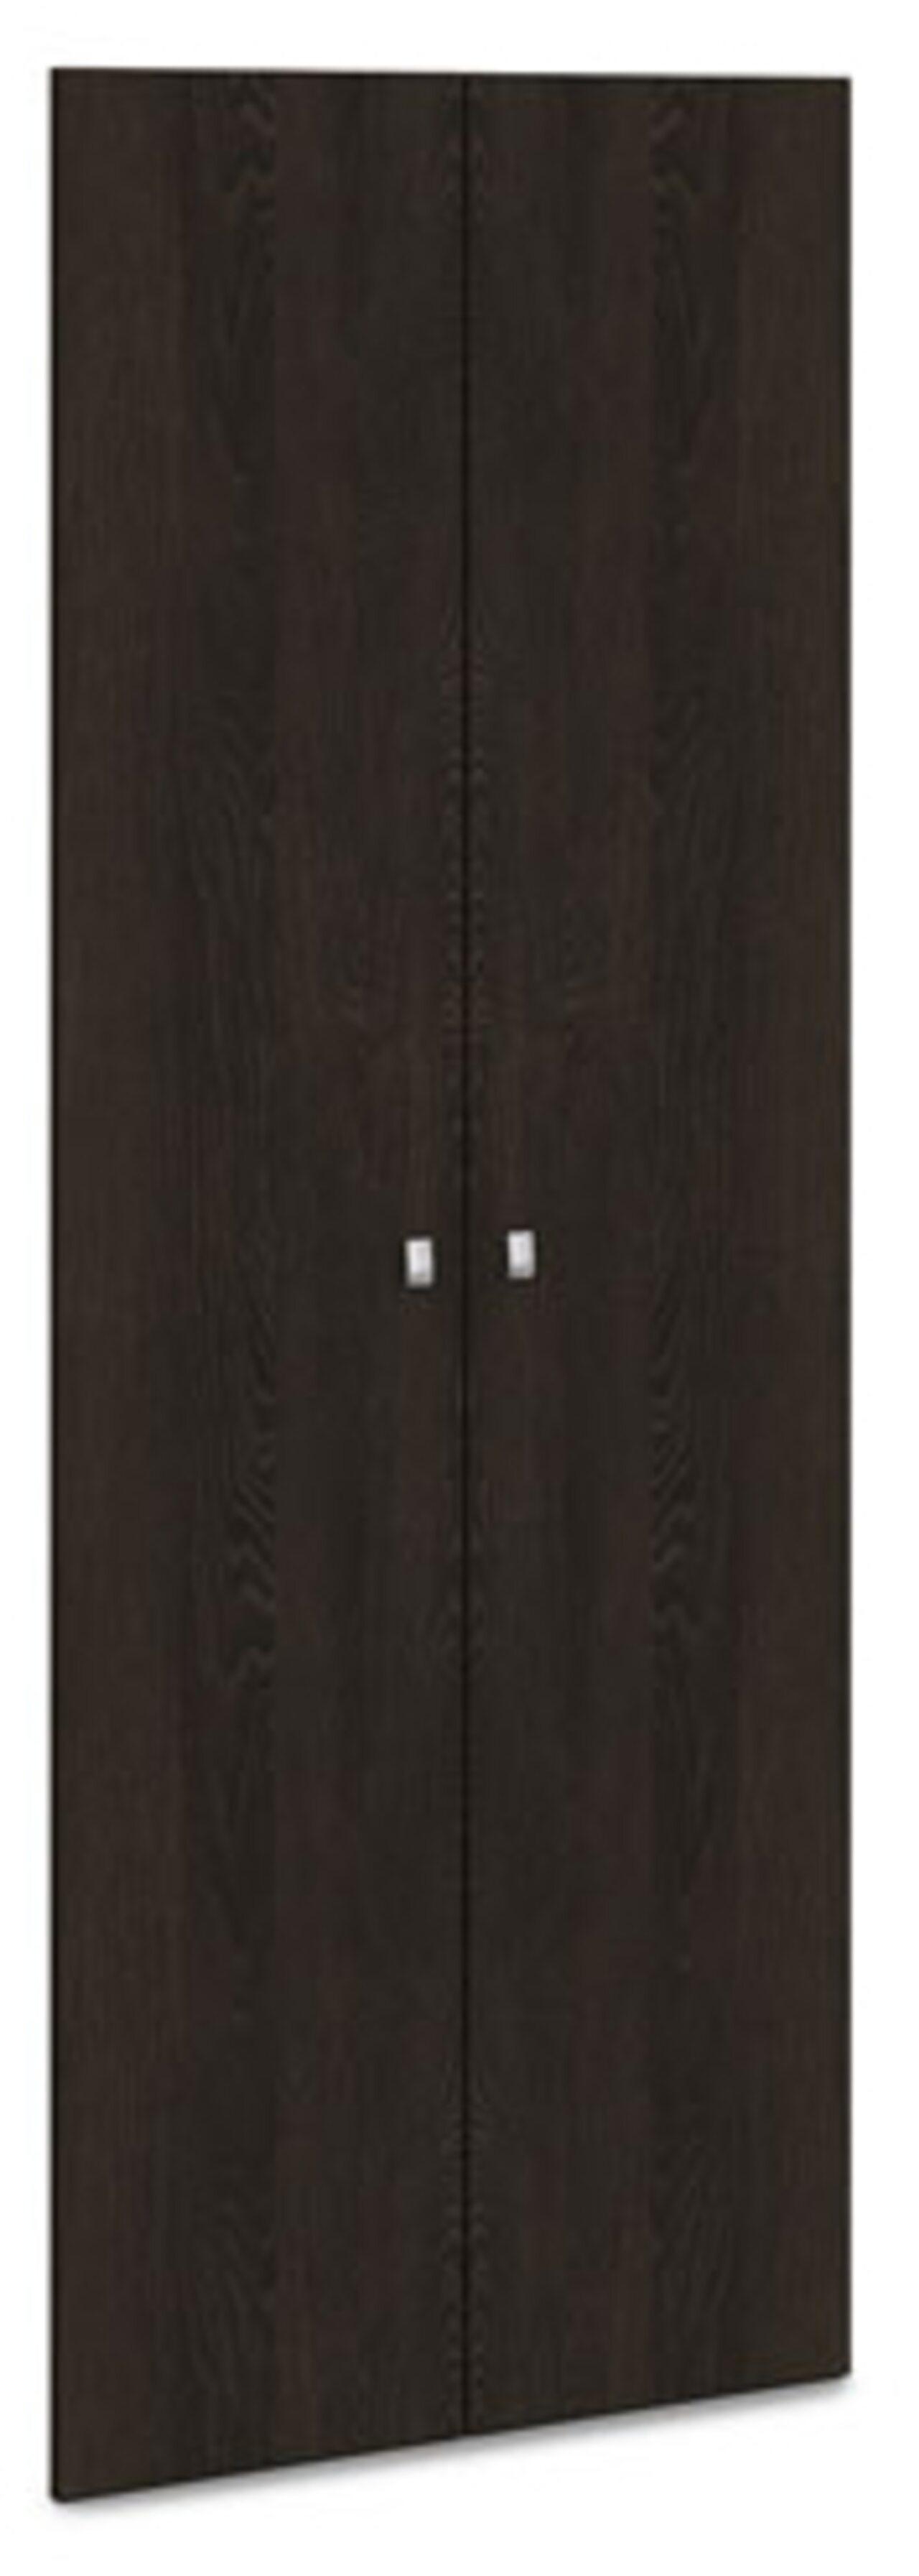 Двери ЛДСП  Vasanta 81x2x211 - фото 1